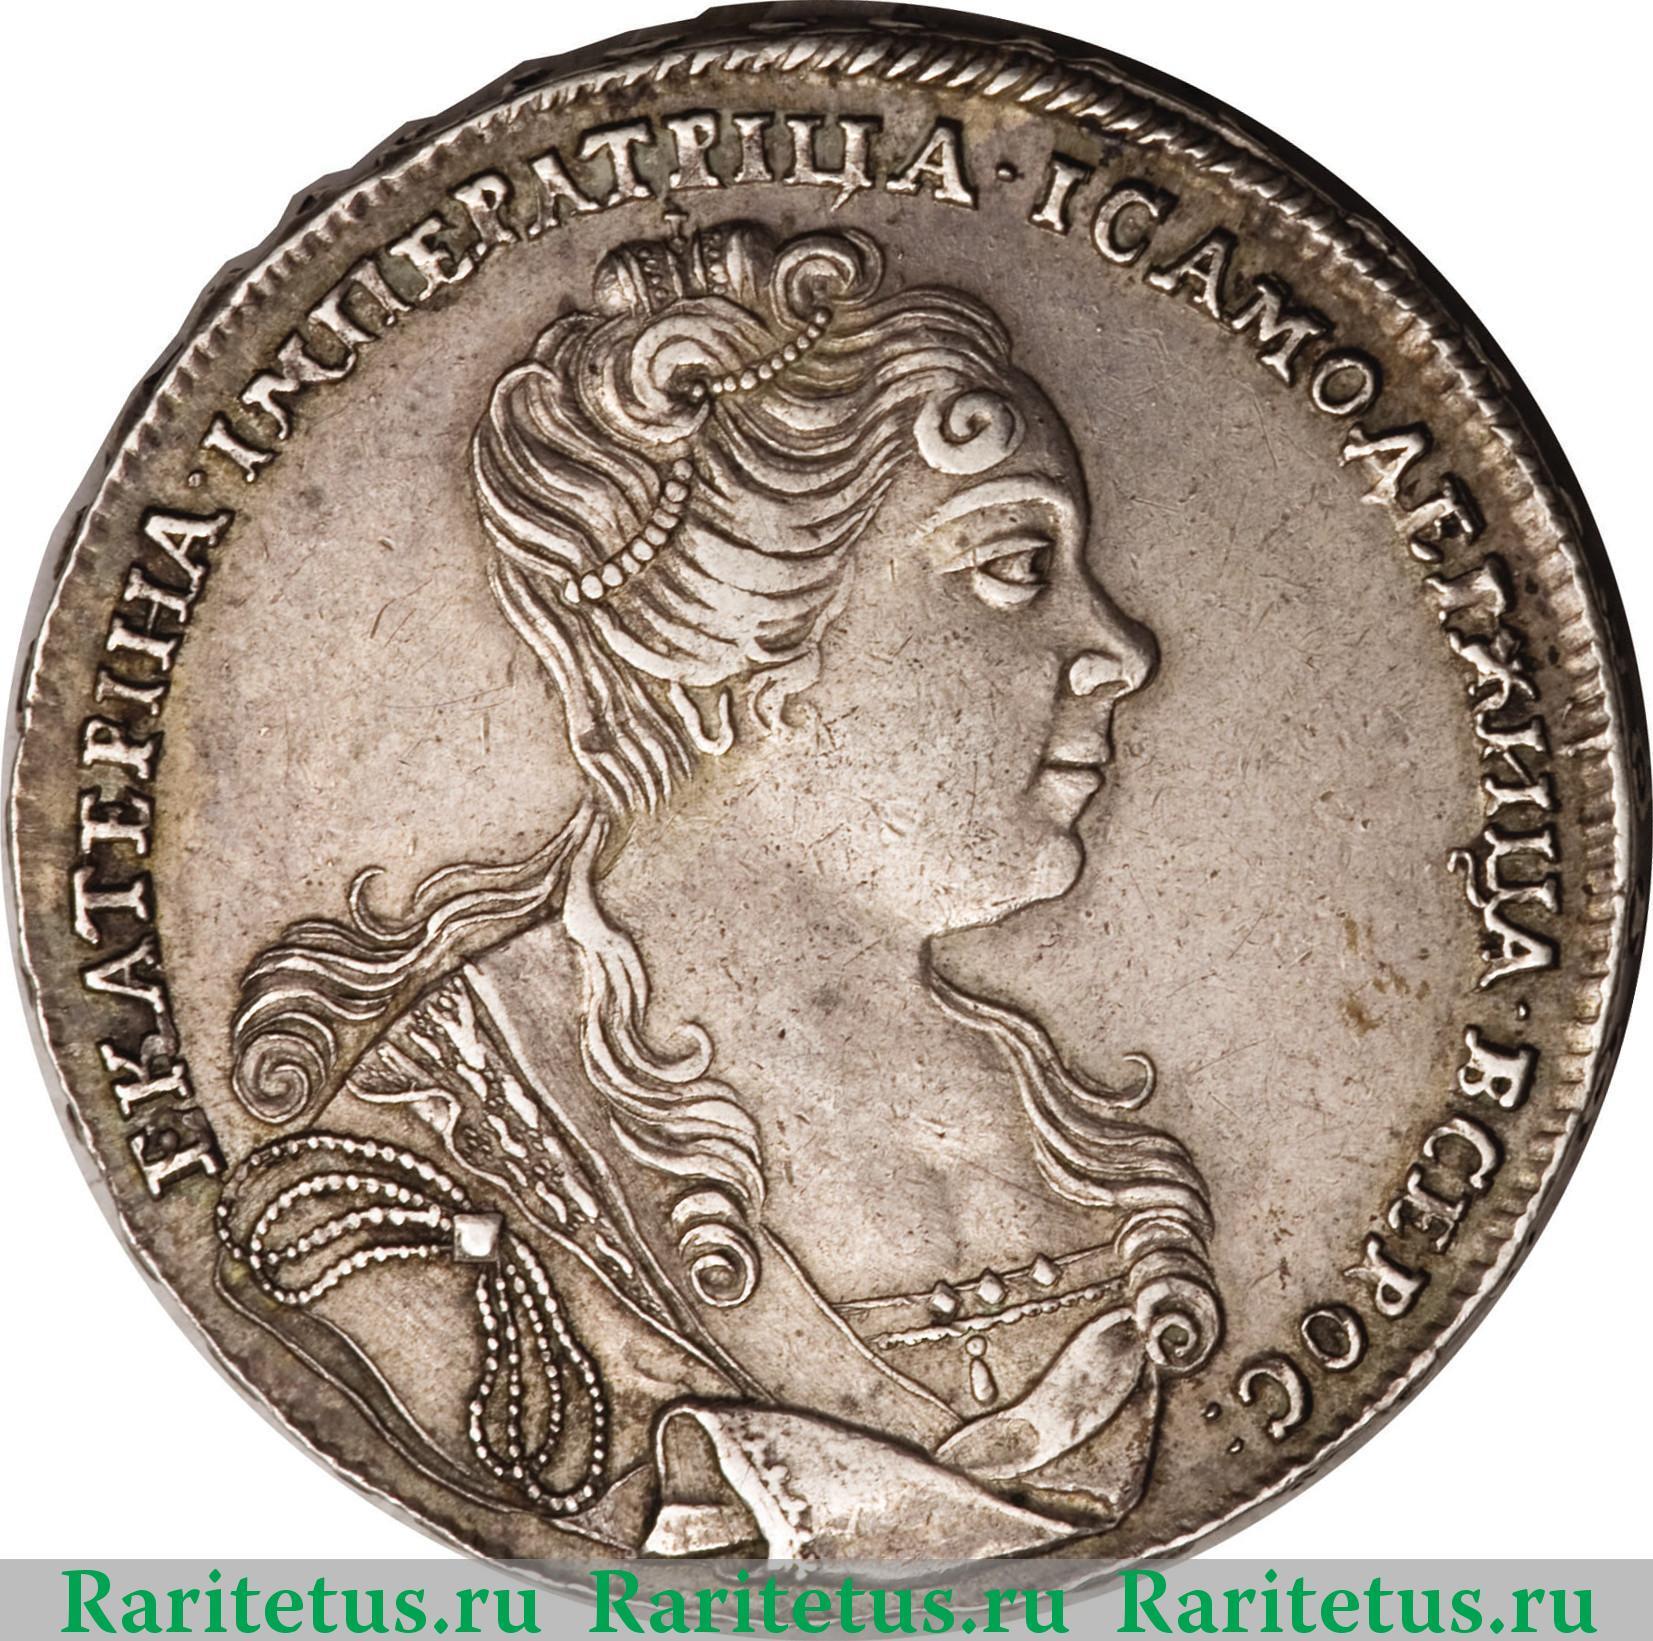 Монета 1728 екатерина рубль монеты ссср 1976 года цена